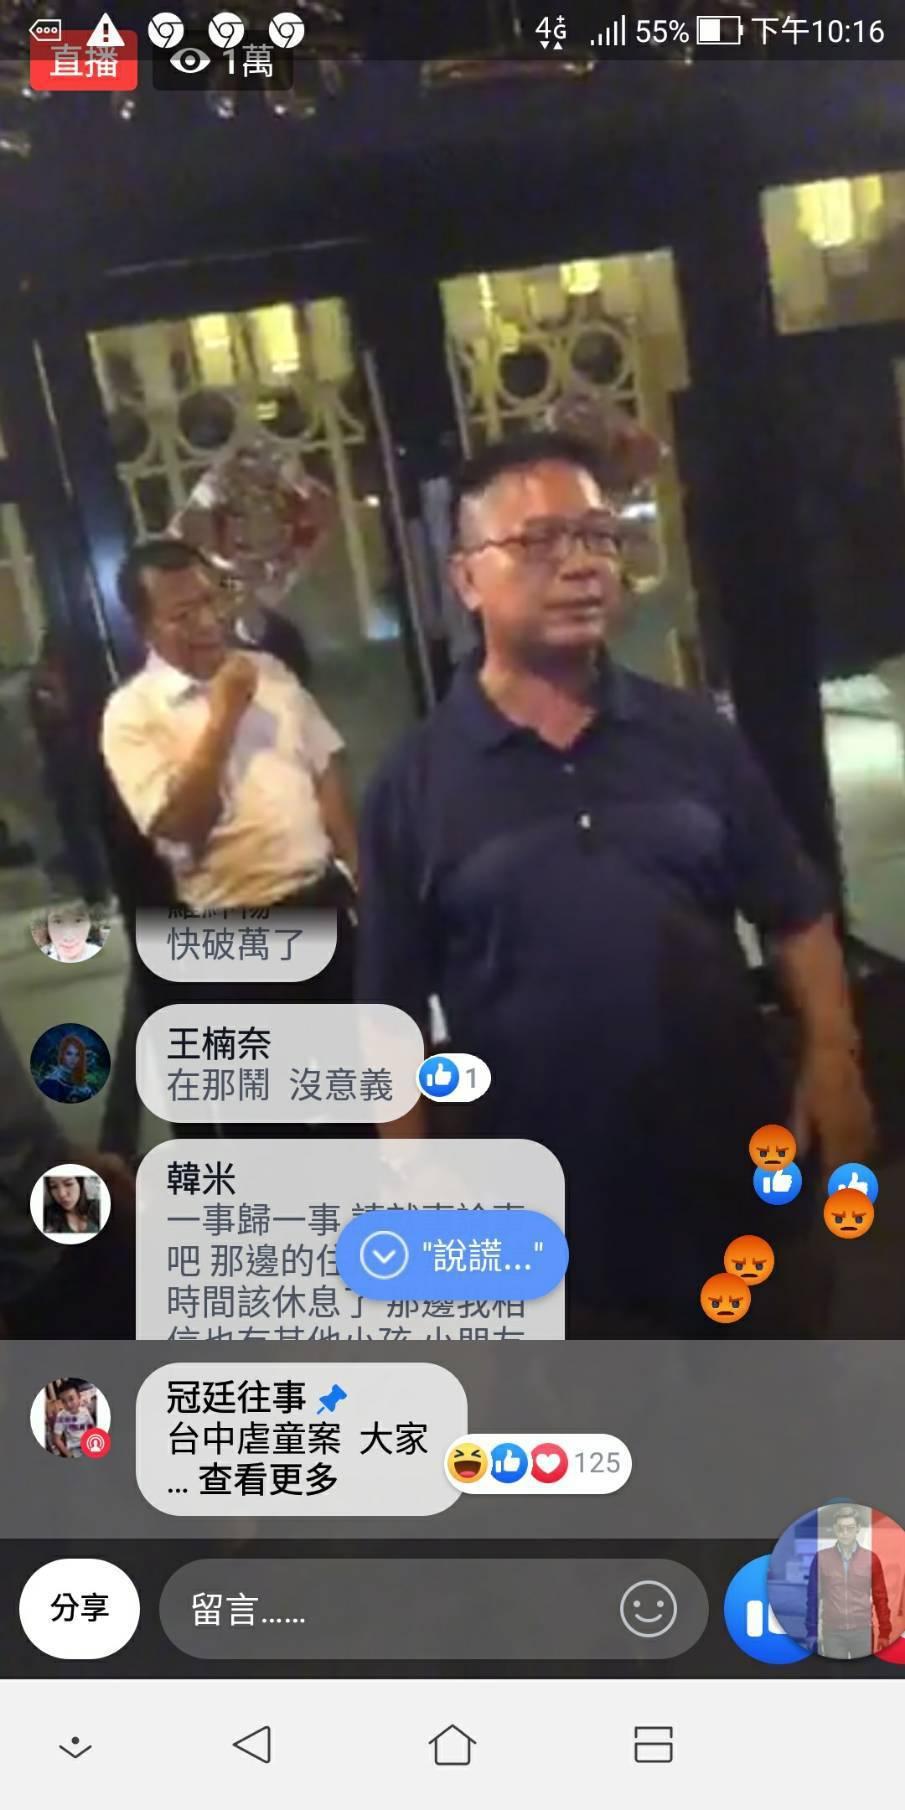 太平警分局偵查隊長陳俊彥在郭姓保母家大樓門解勸阻鄉民應冷靜。圖/翻攝臉書